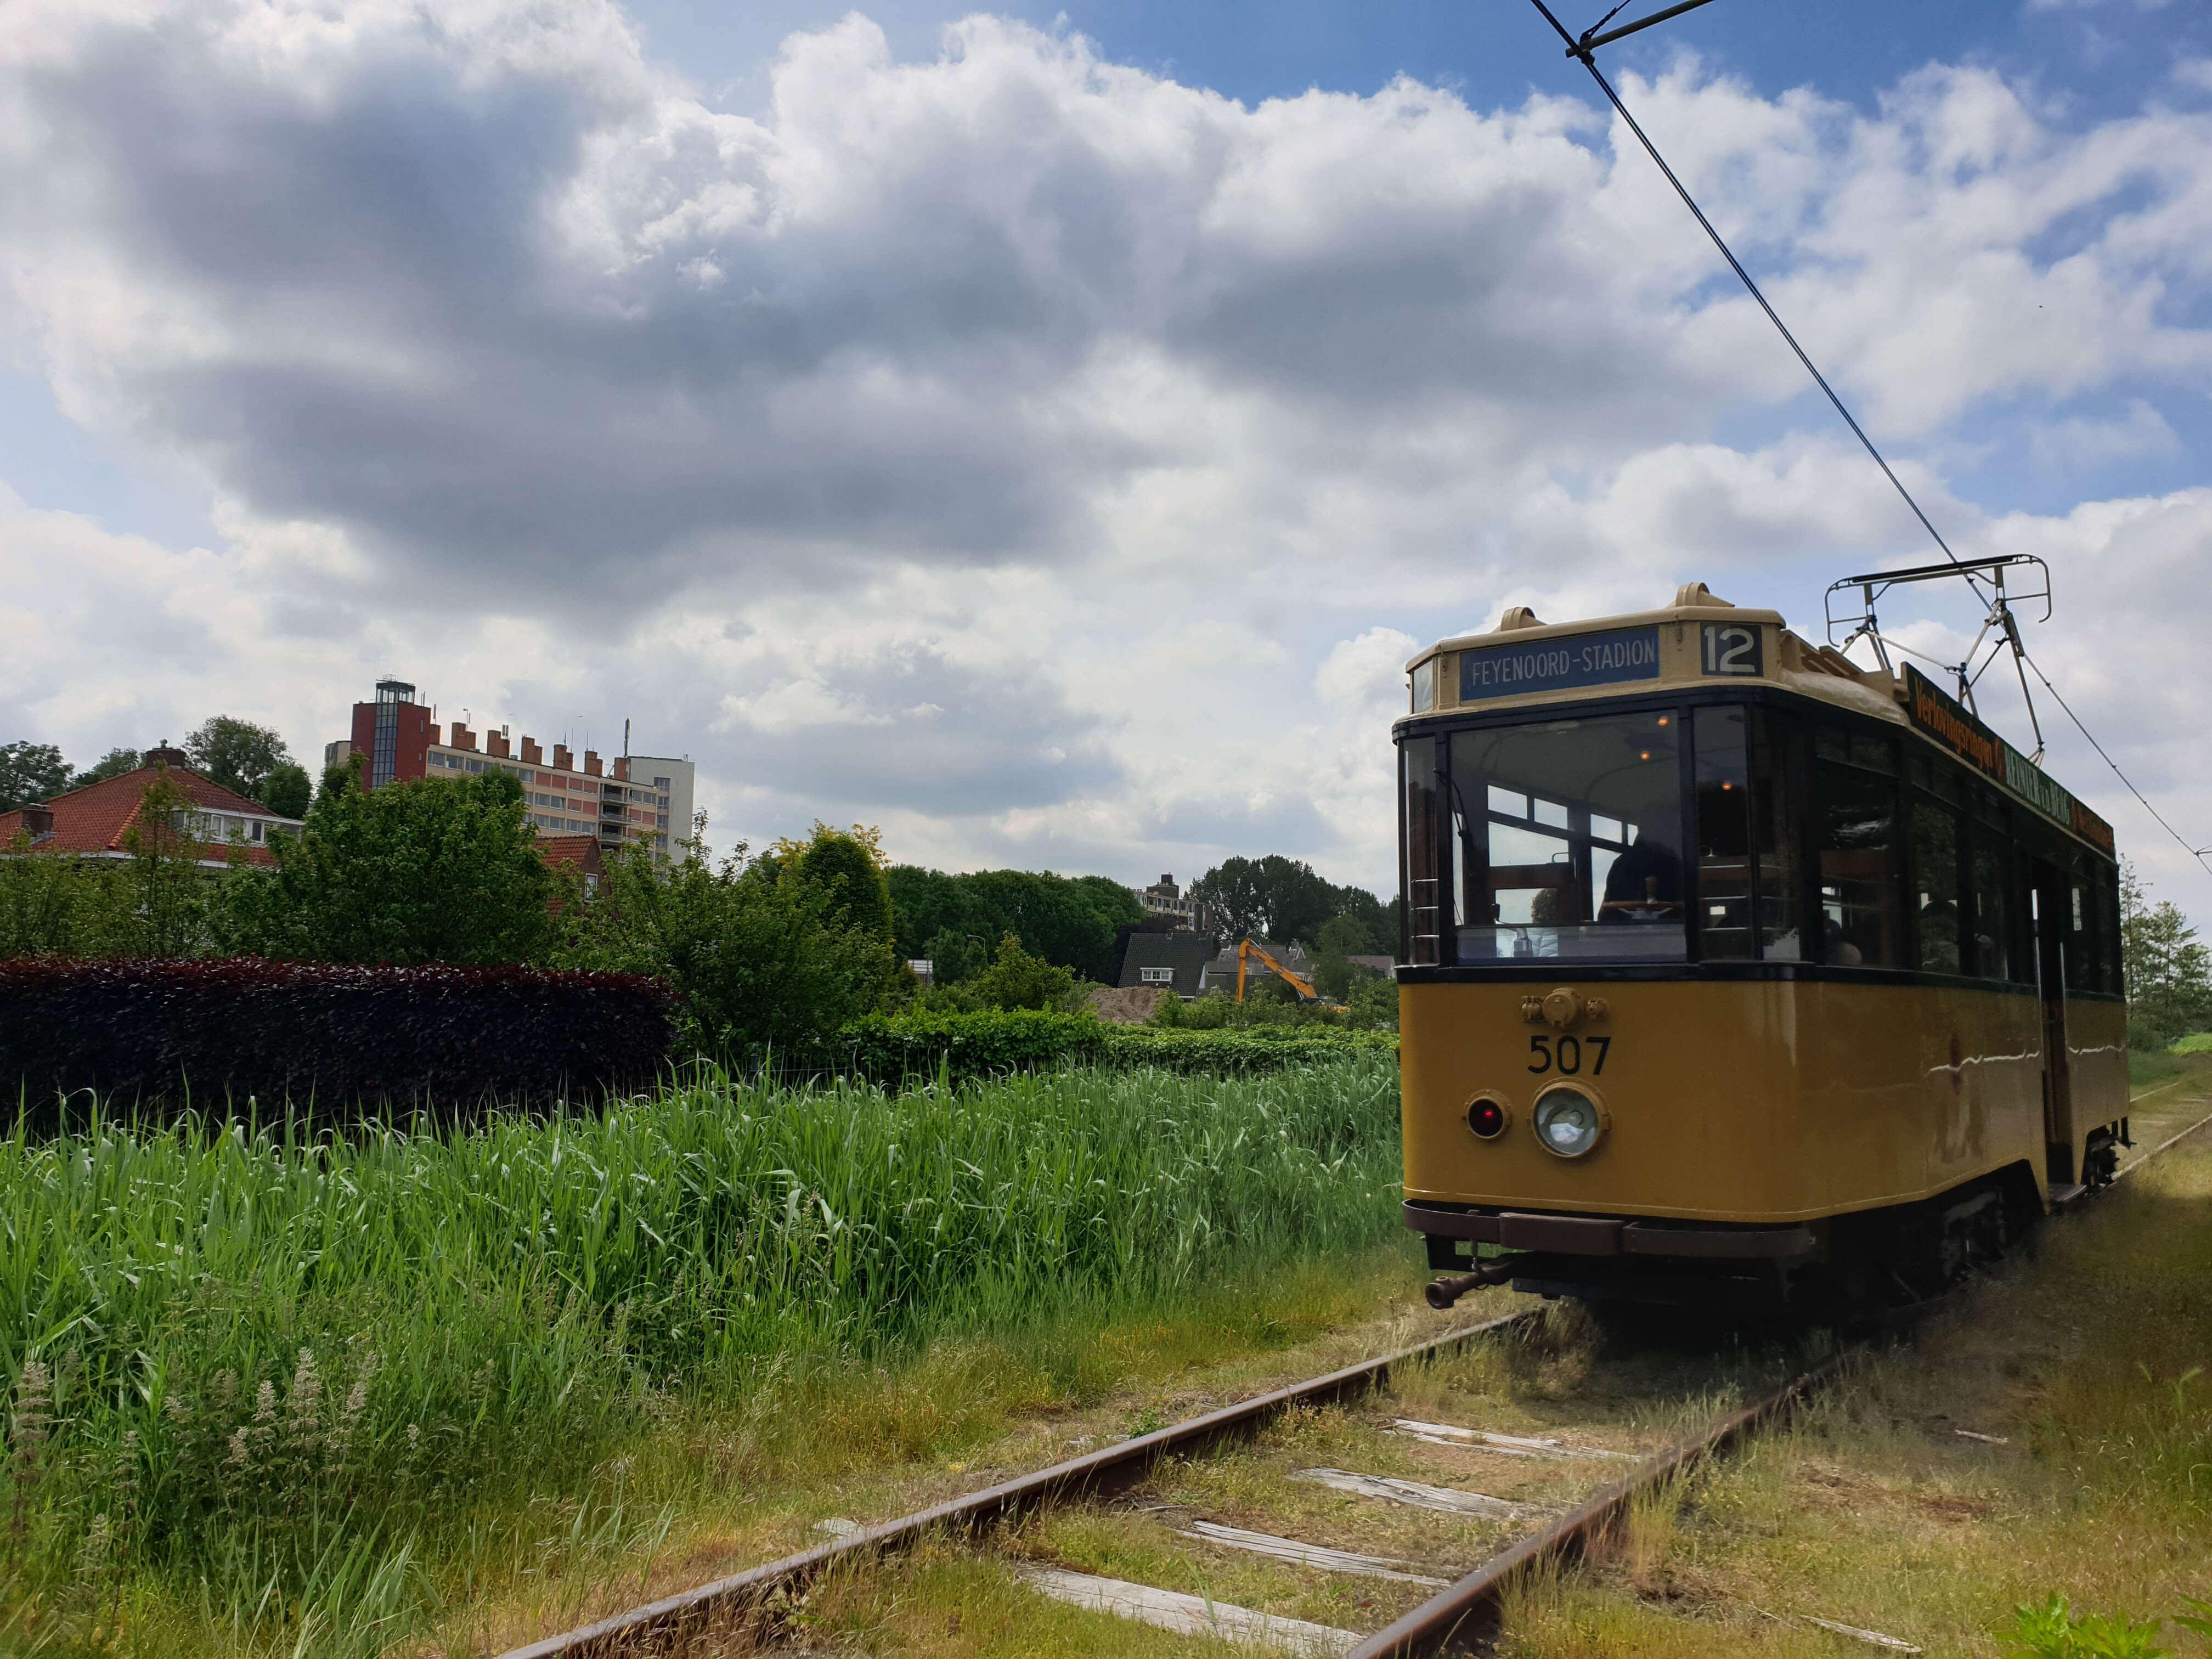 Historische tram Amstelveen